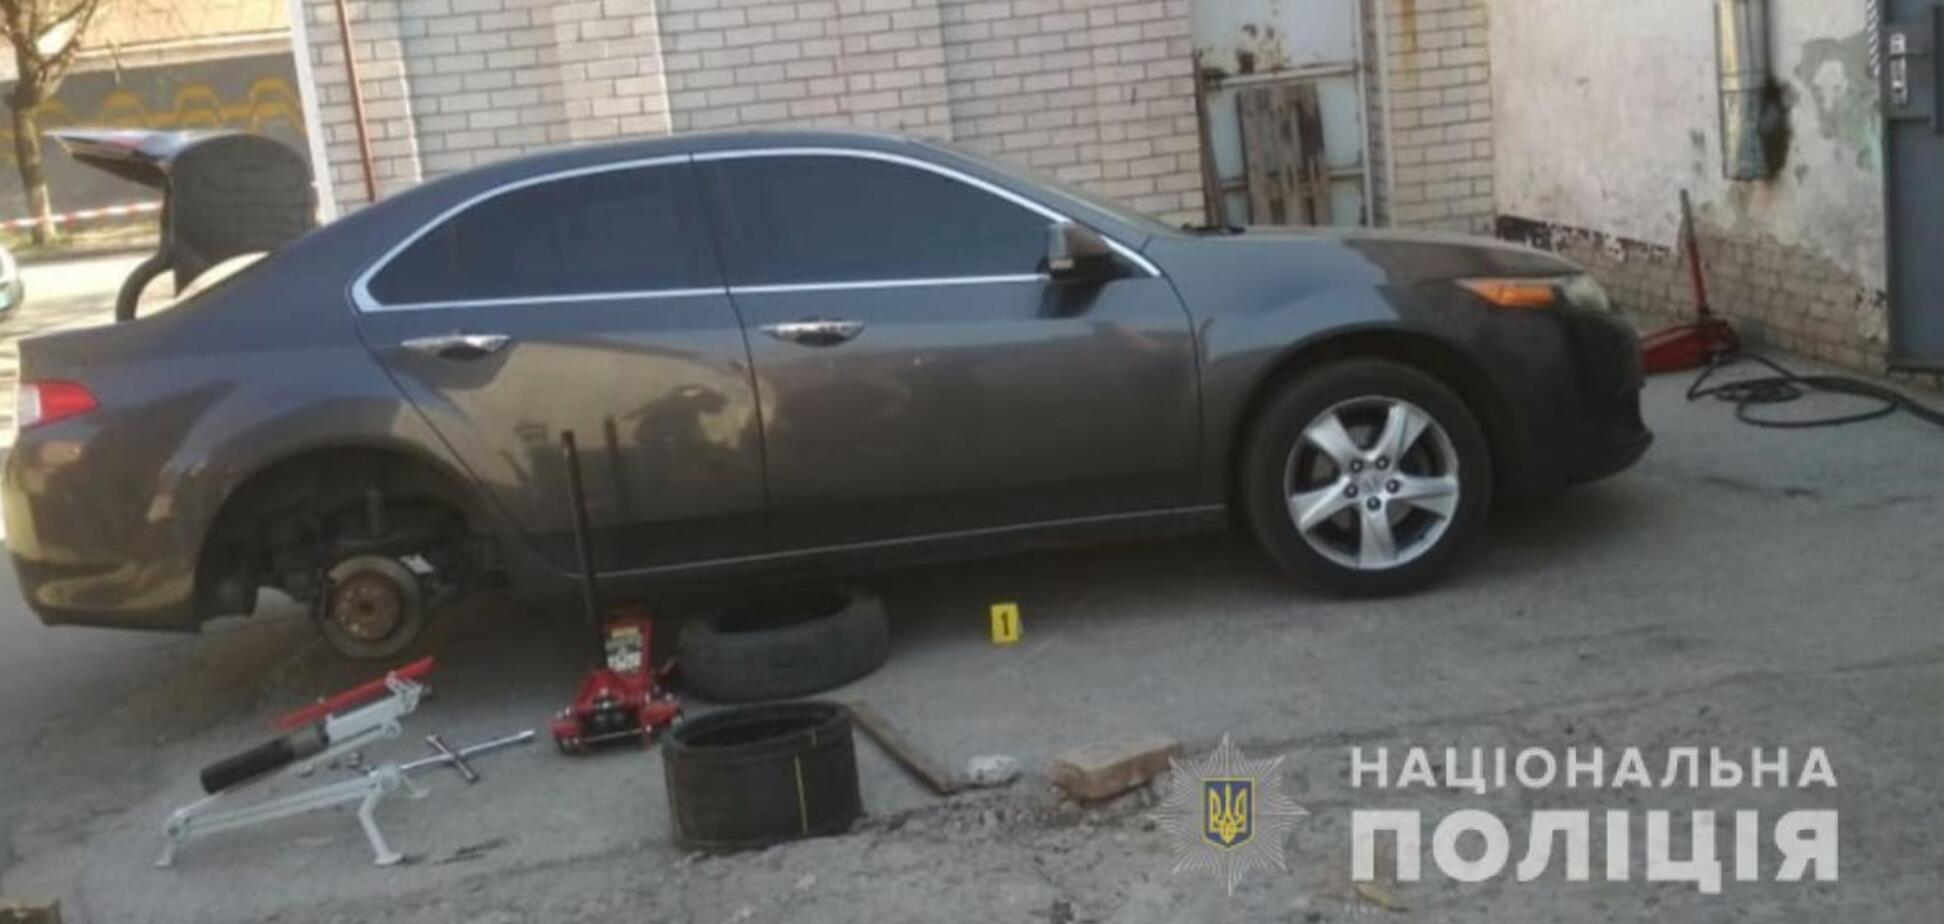 У центрі Дніпра під авто виявили бомбу: всі подробиці НП